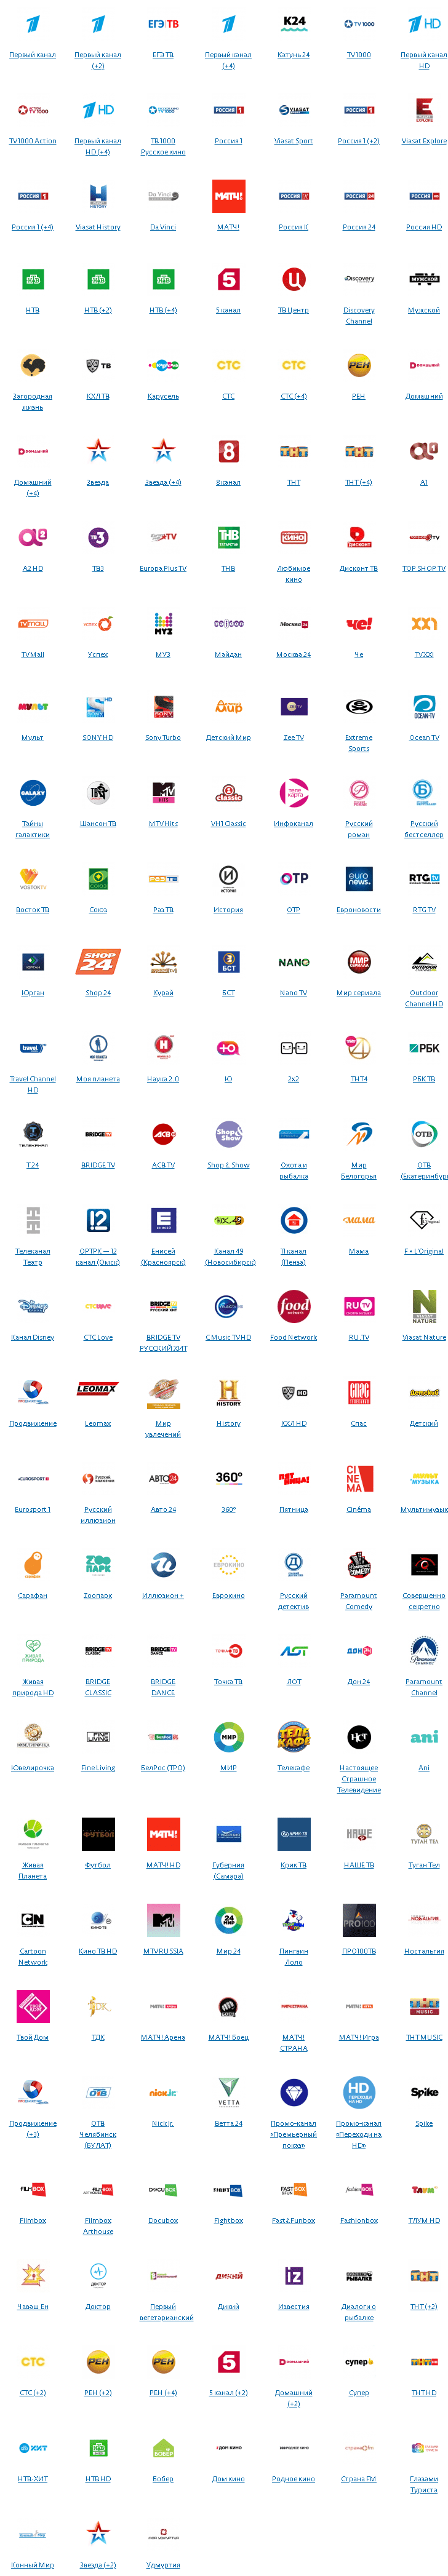 Все каналы пакета Лидер